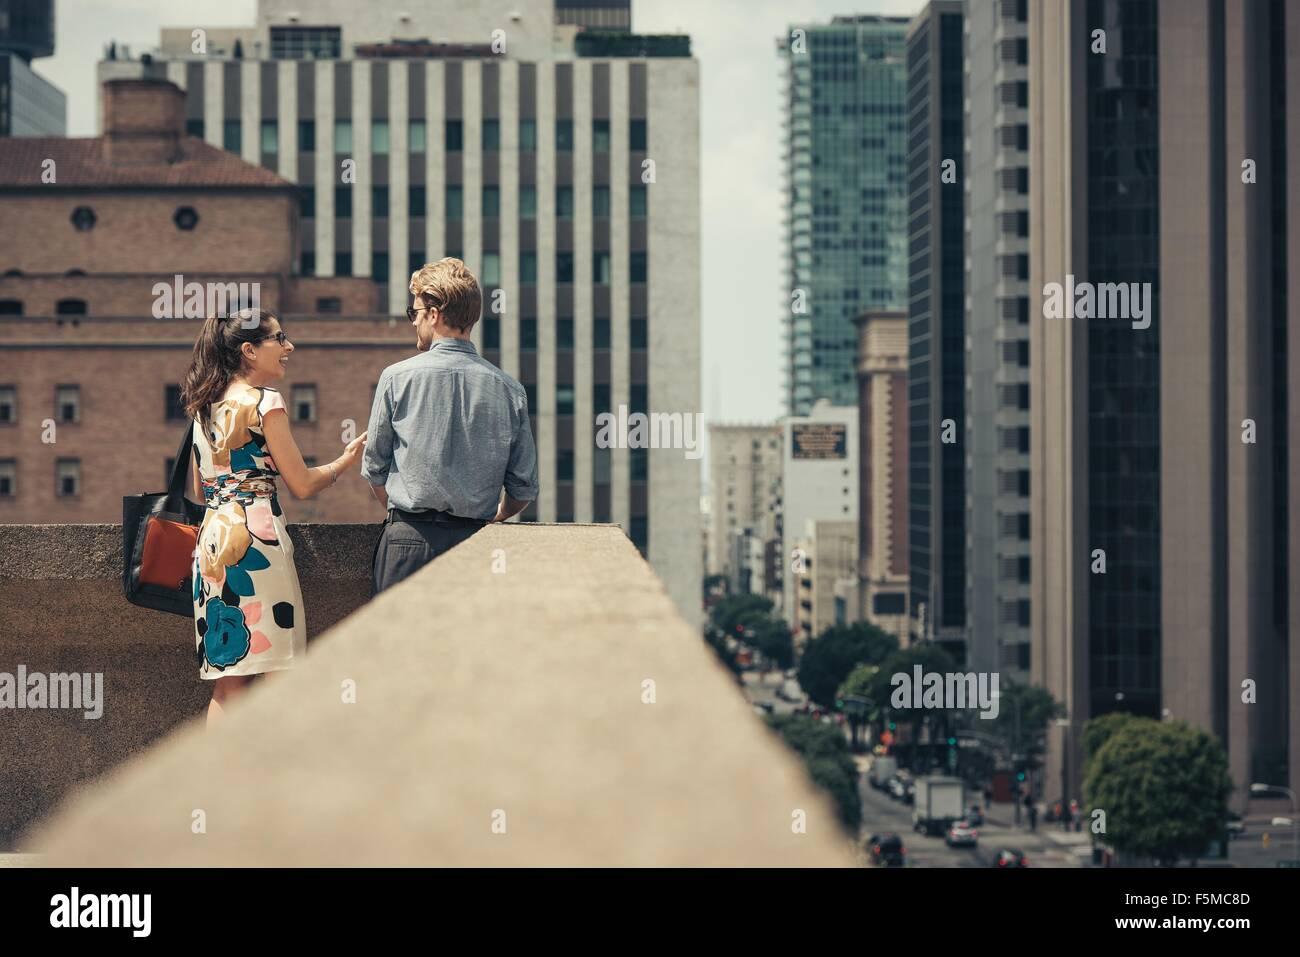 Empresario y mujer hablando en la azotea, Los Angeles, EE.UU. Imagen De Stock